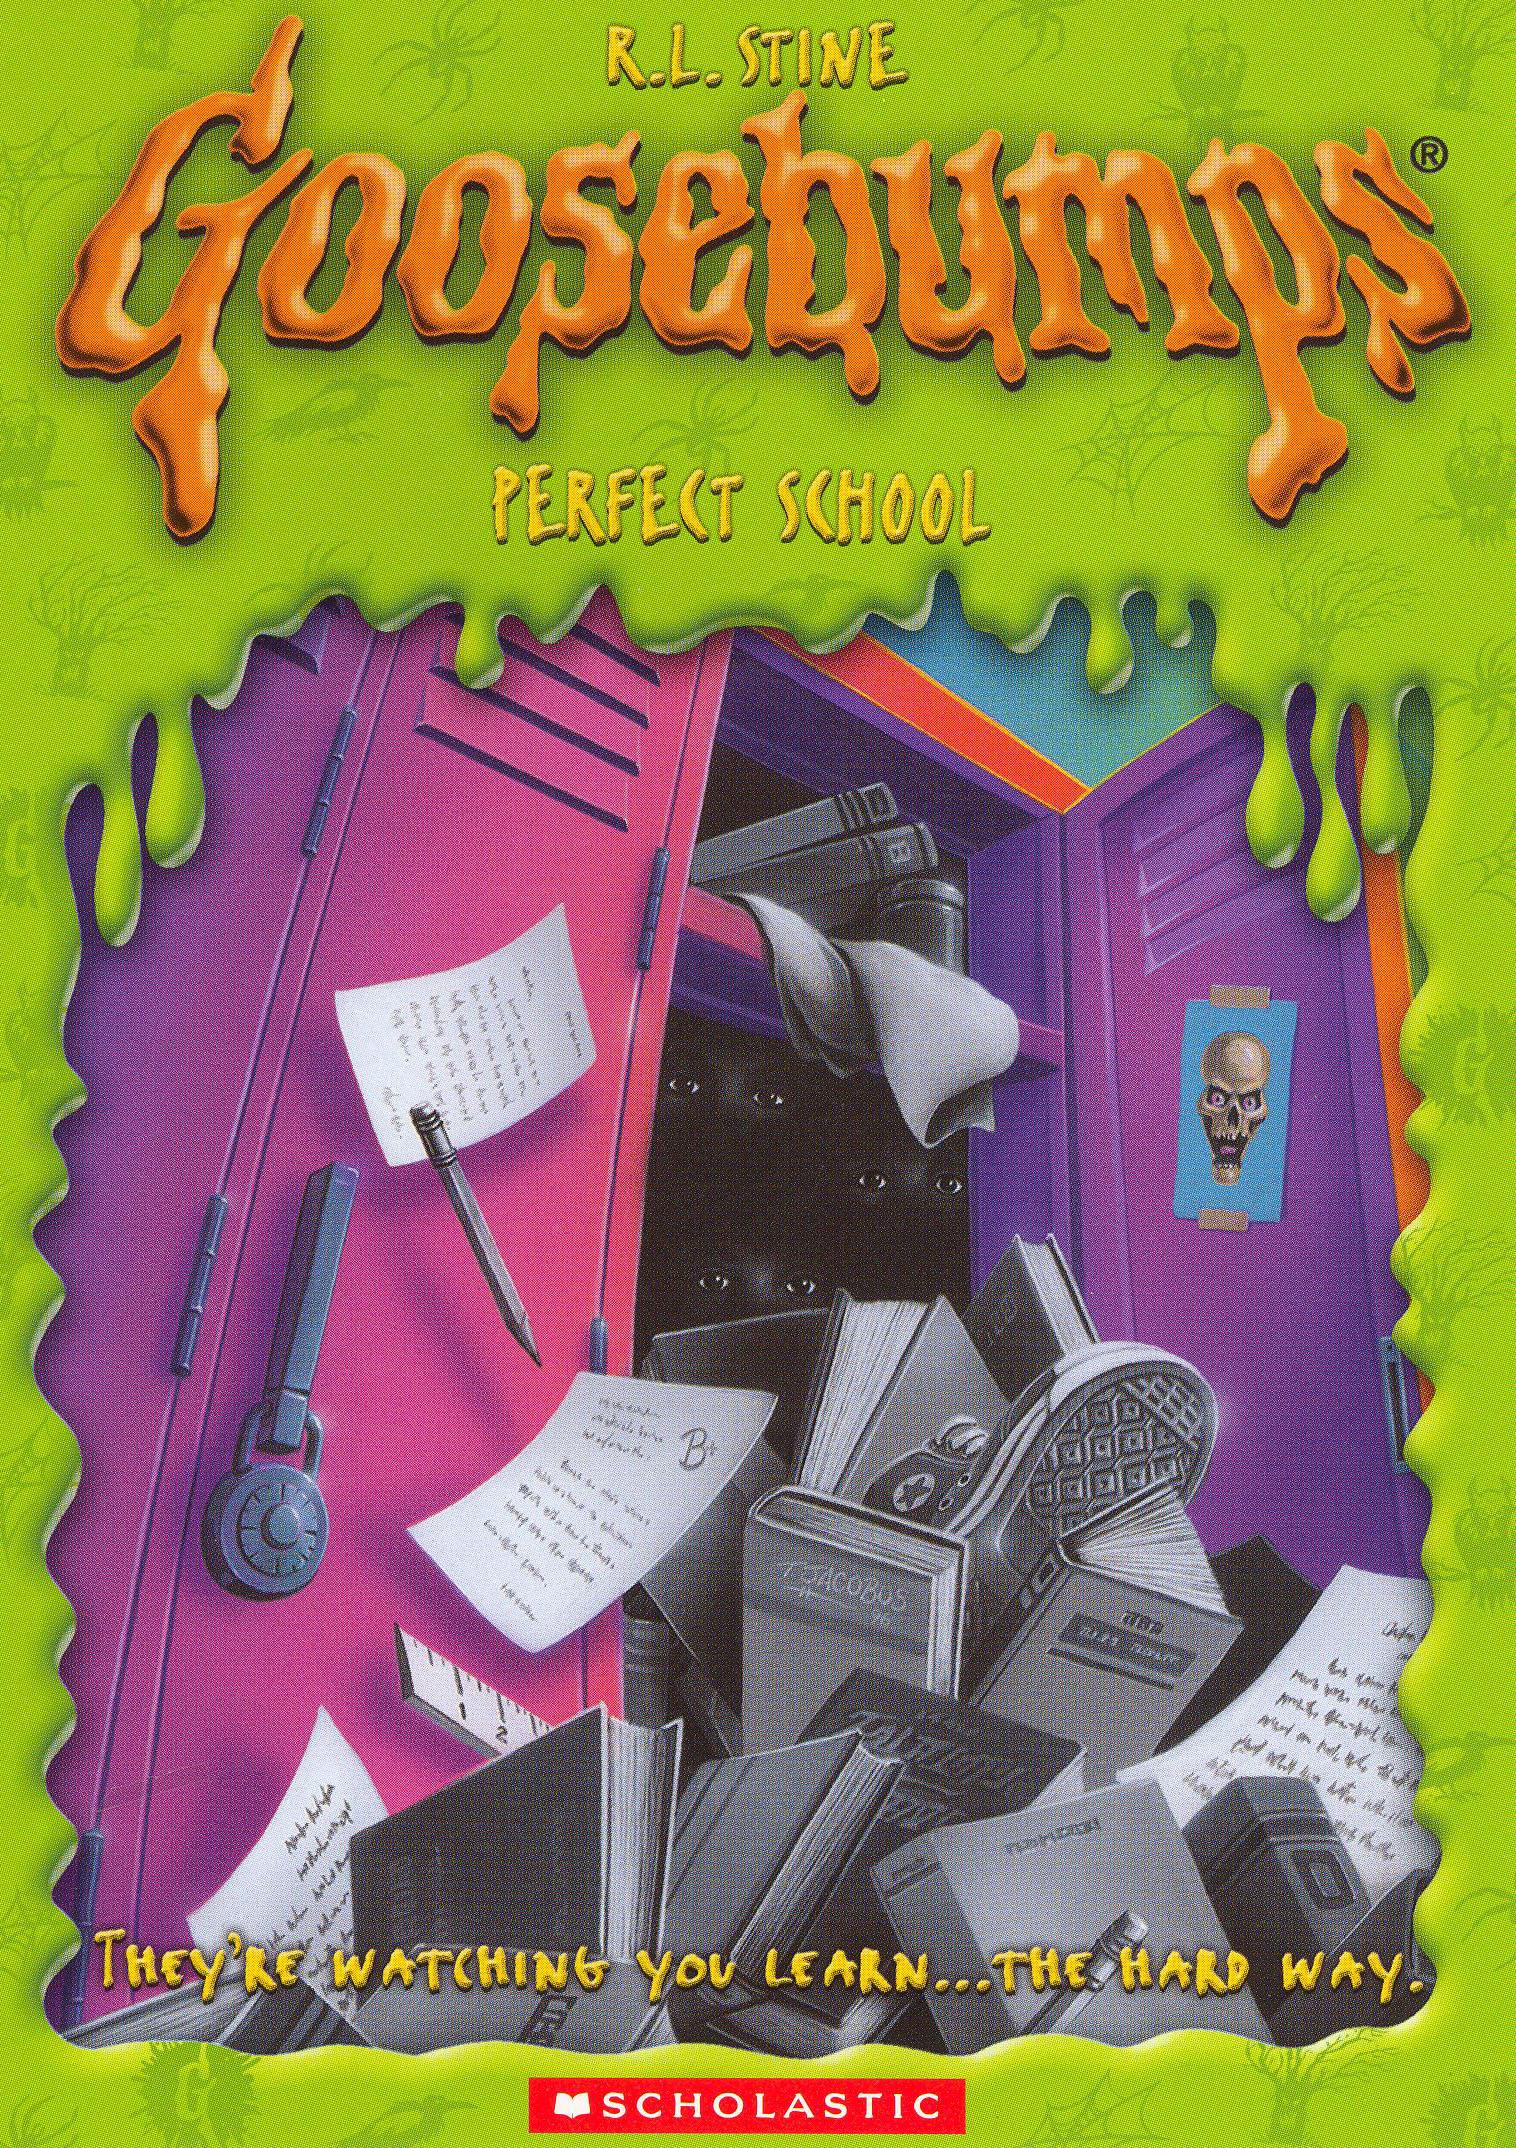 Goosebumps: Perfect School